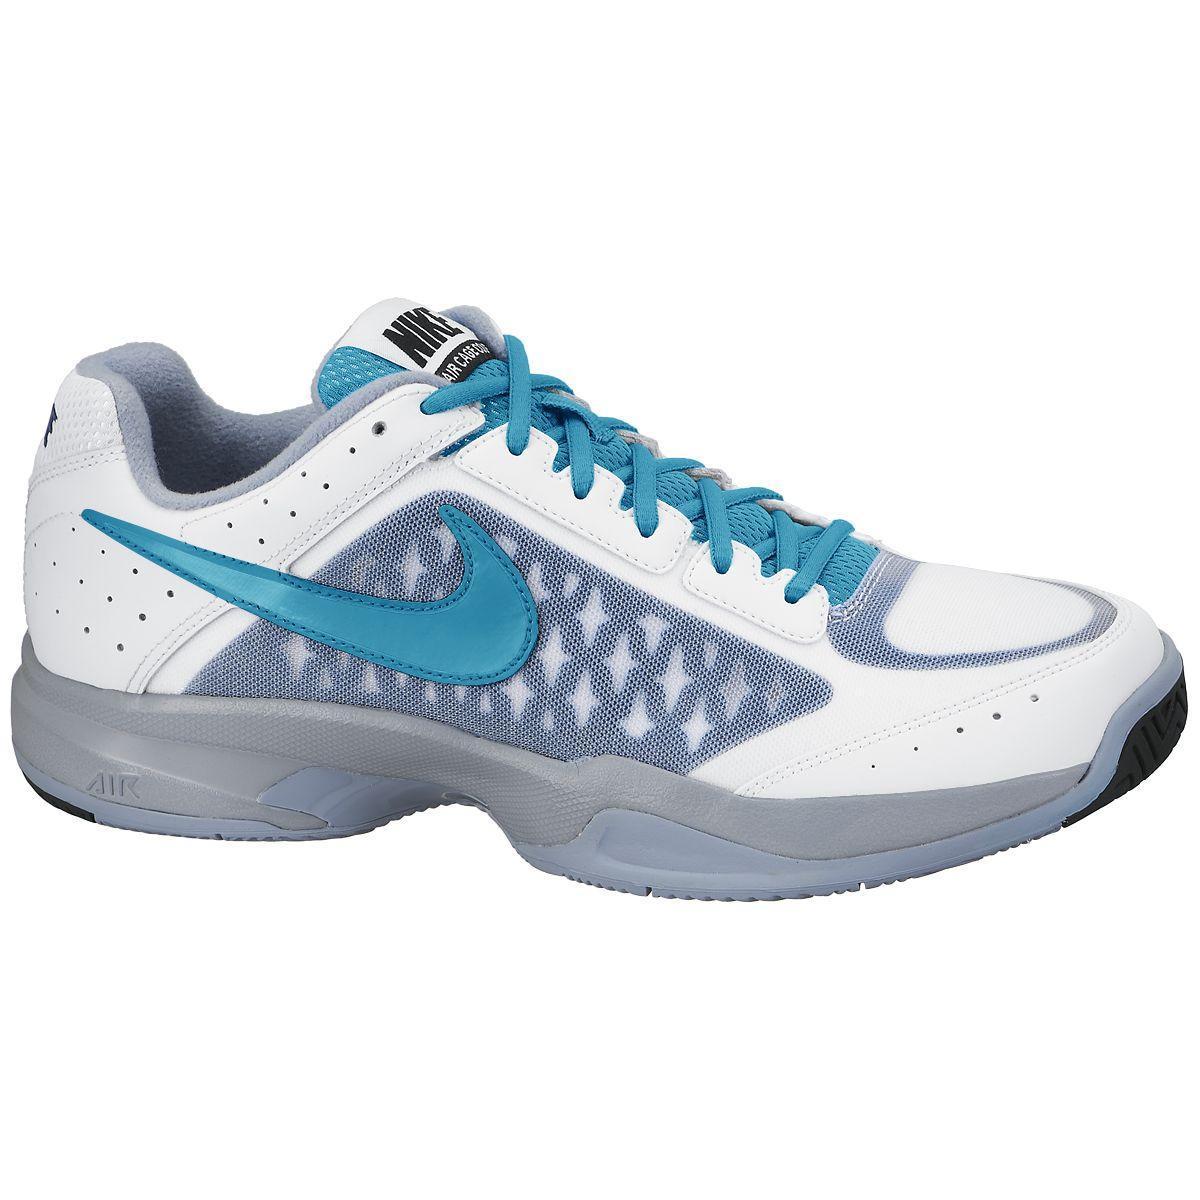 online store 383c1 ca2e0 Nike Mens Air Cage Court Tennis Shoes - White Blue Lagoon - Tennisnuts.com